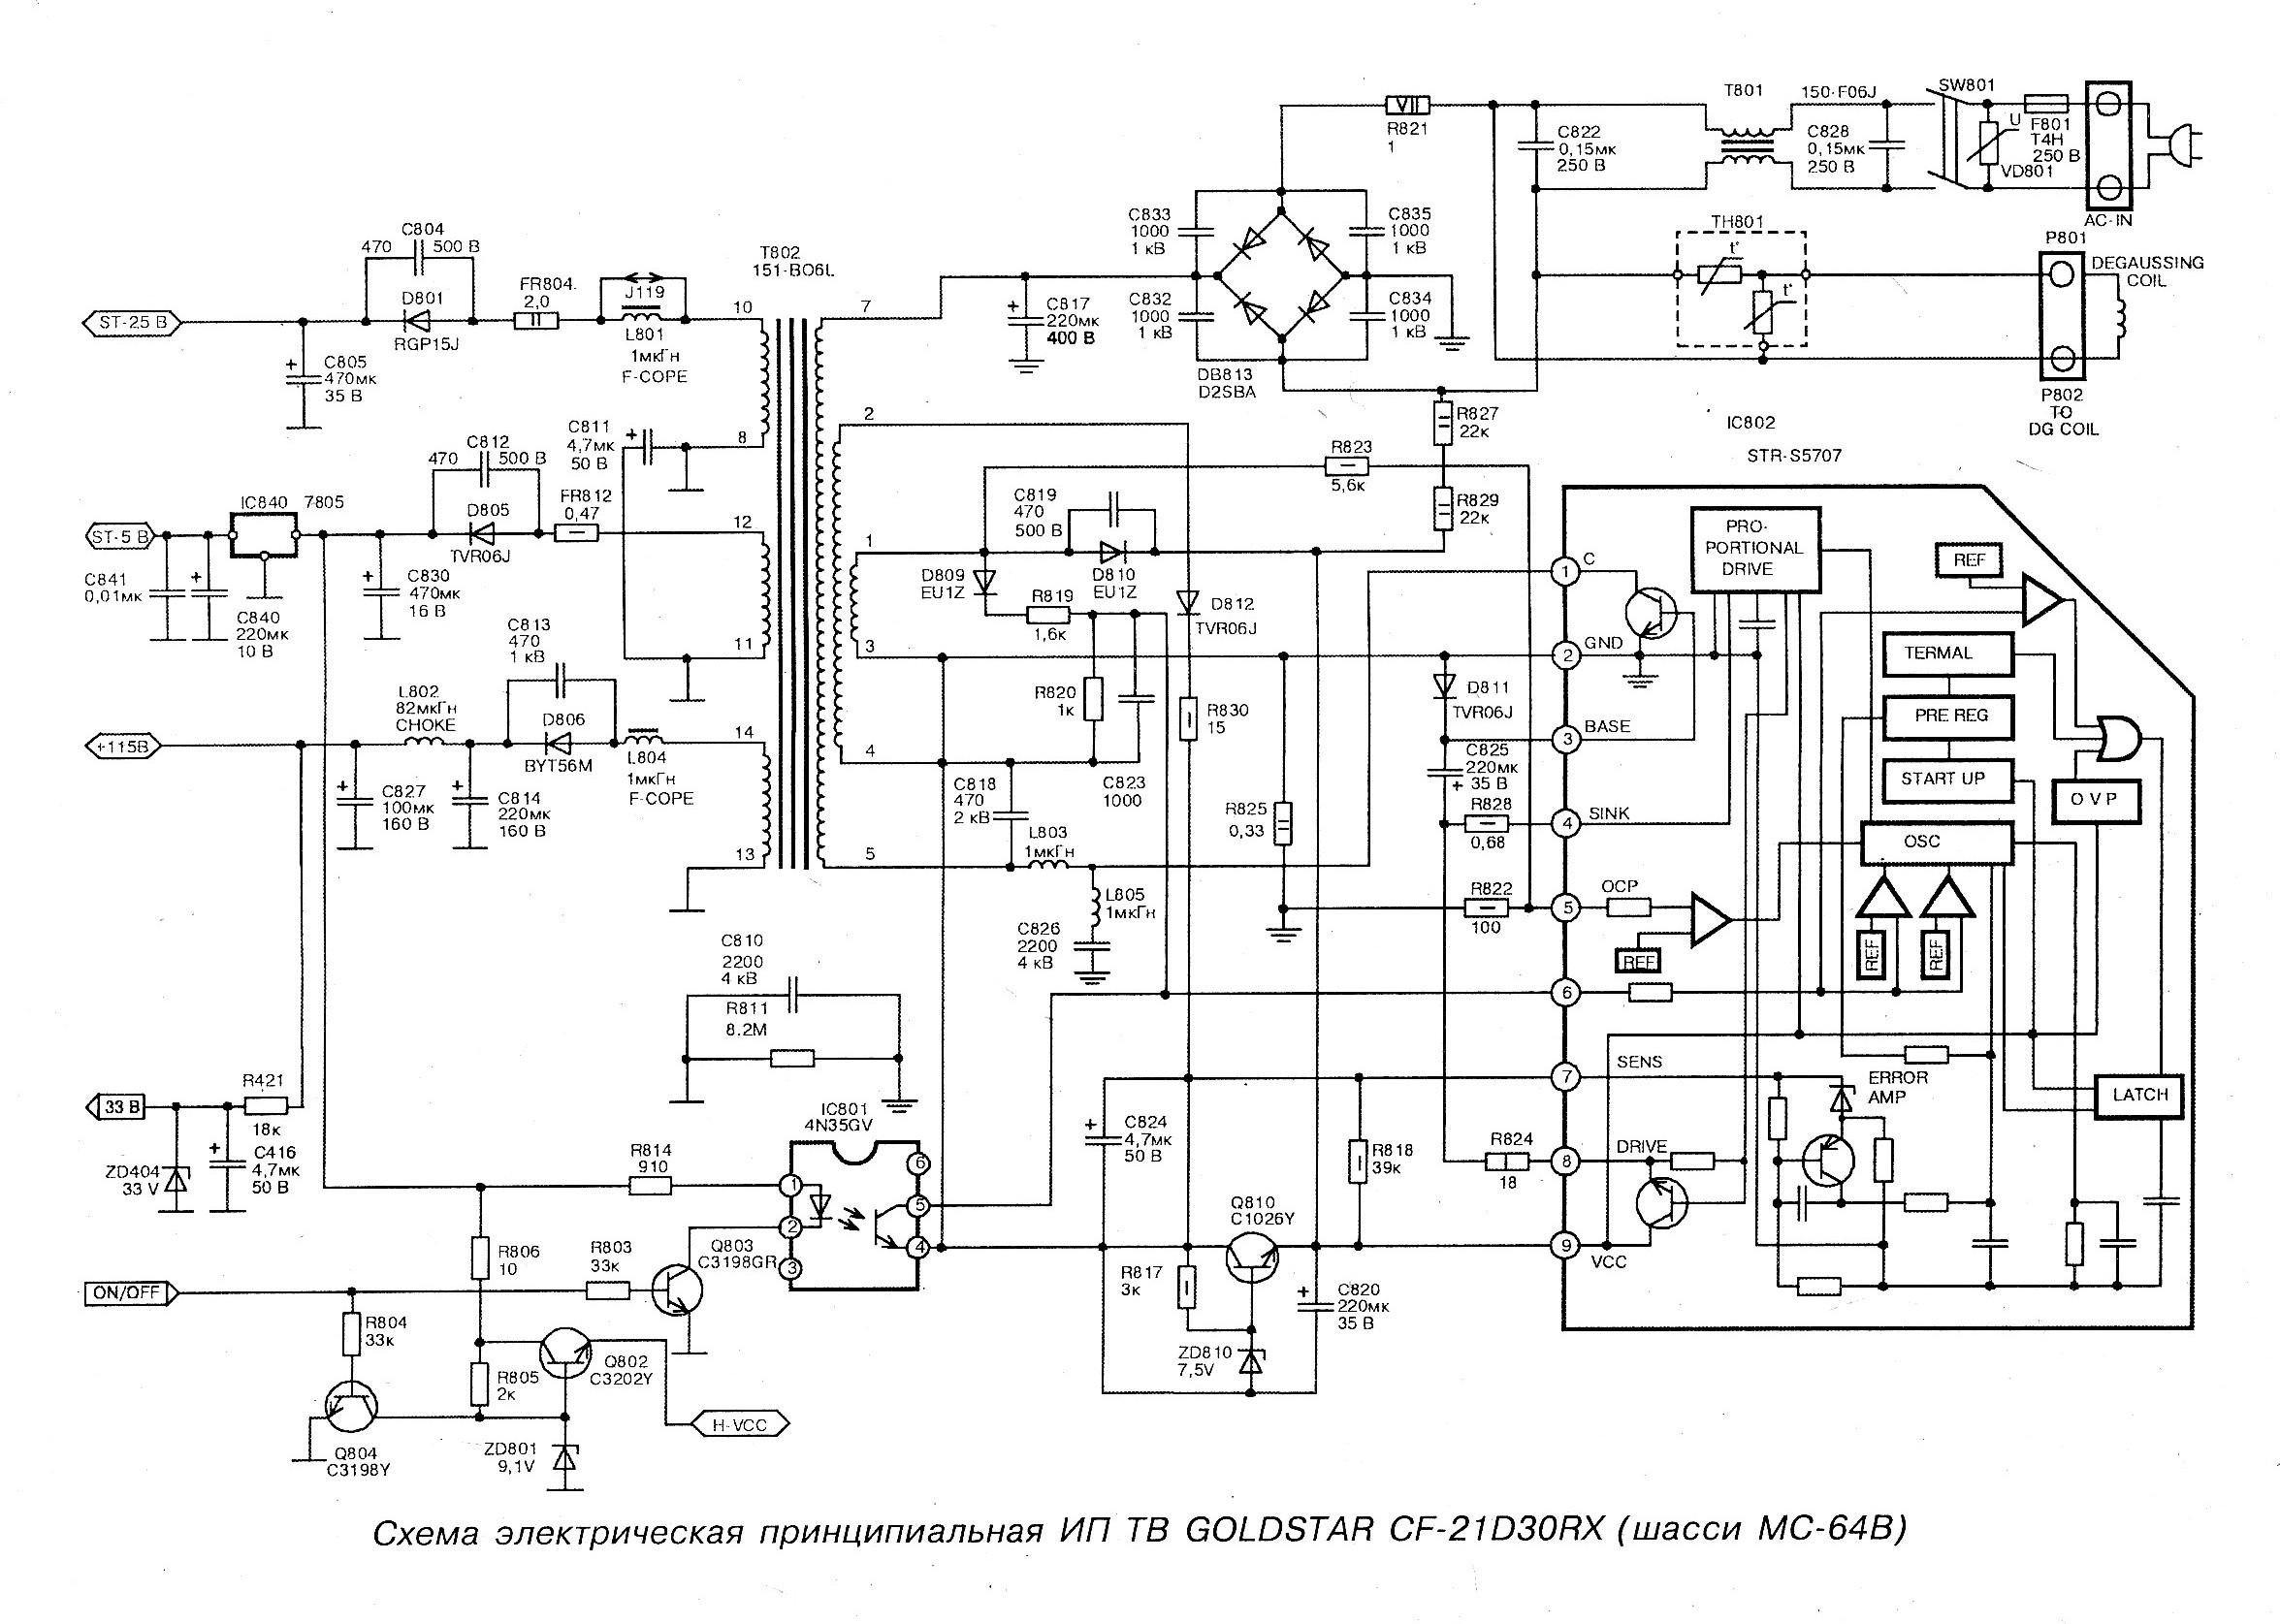 Lg cf 21d30 схема